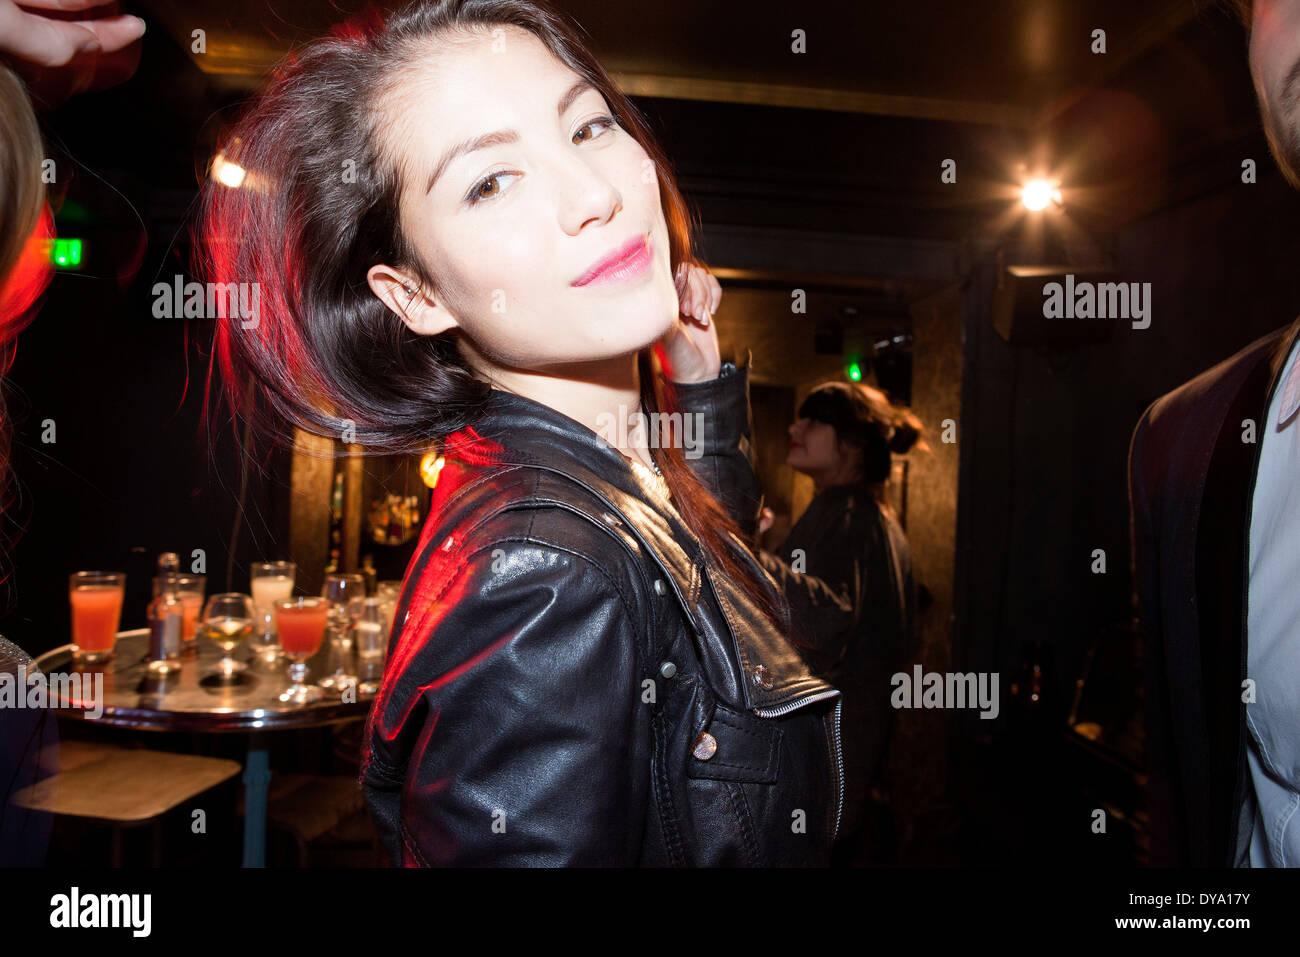 Young woman at bar - Stock Image